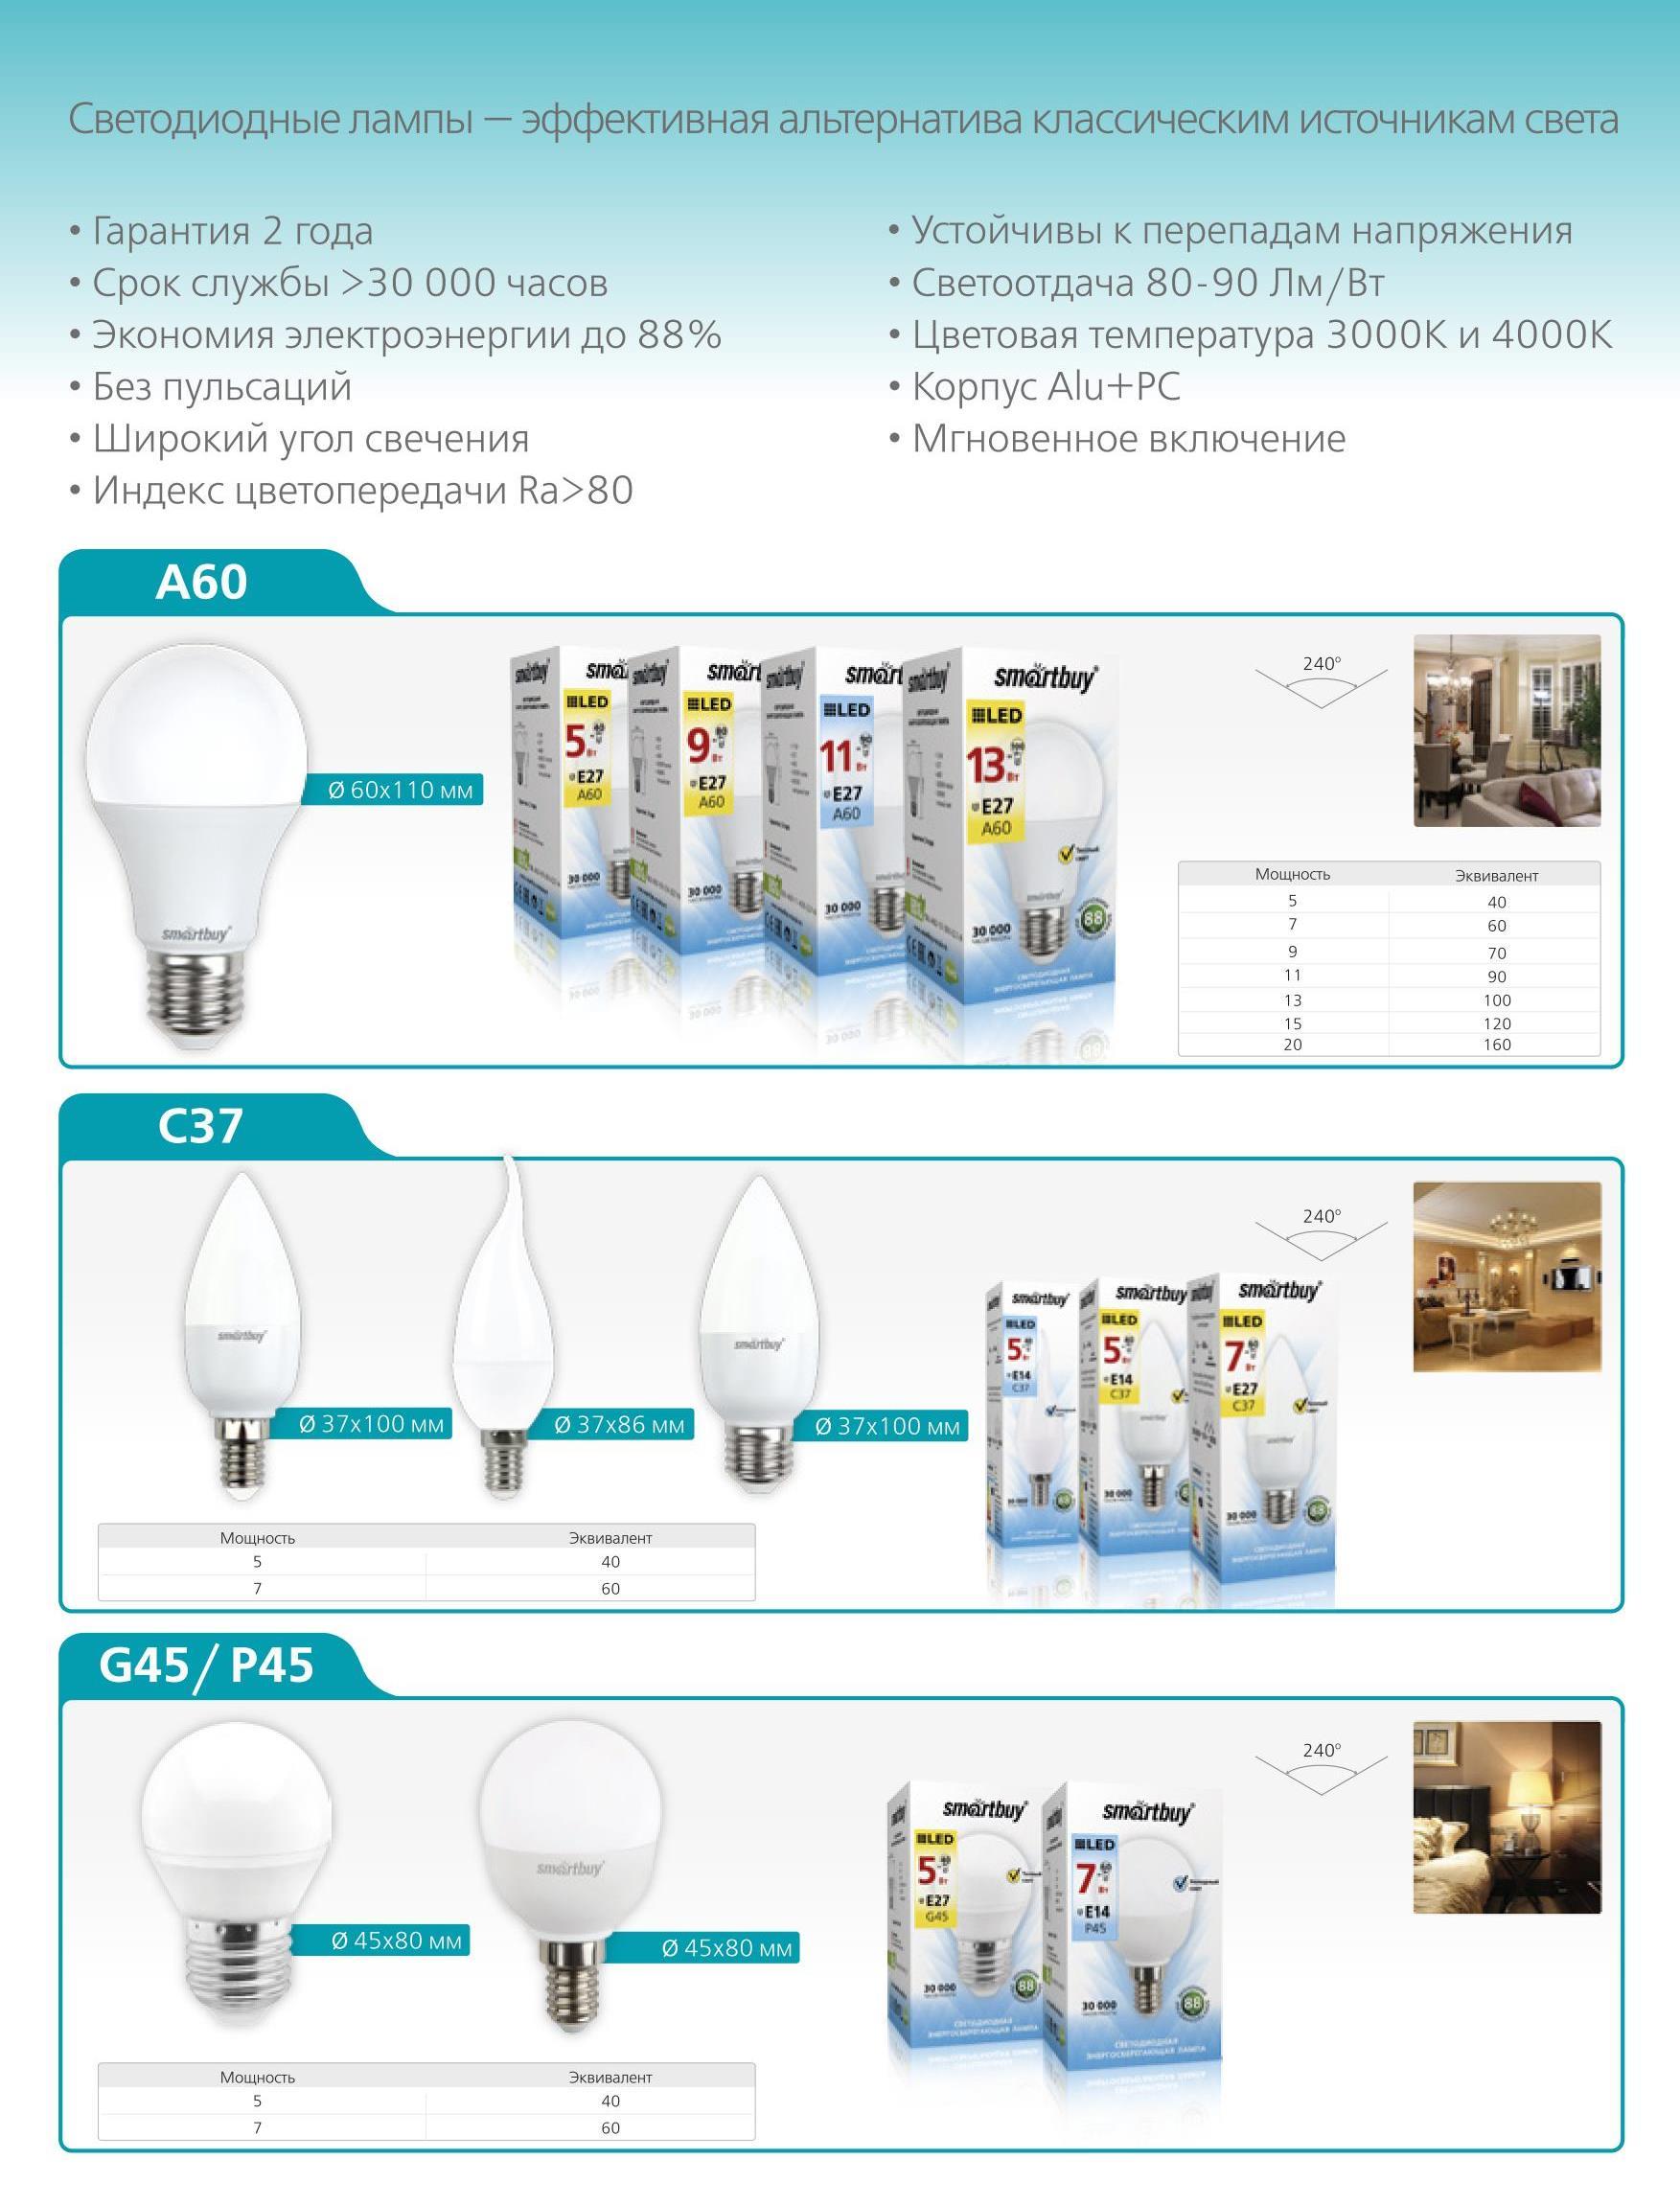 Каталог светодиодных ламп